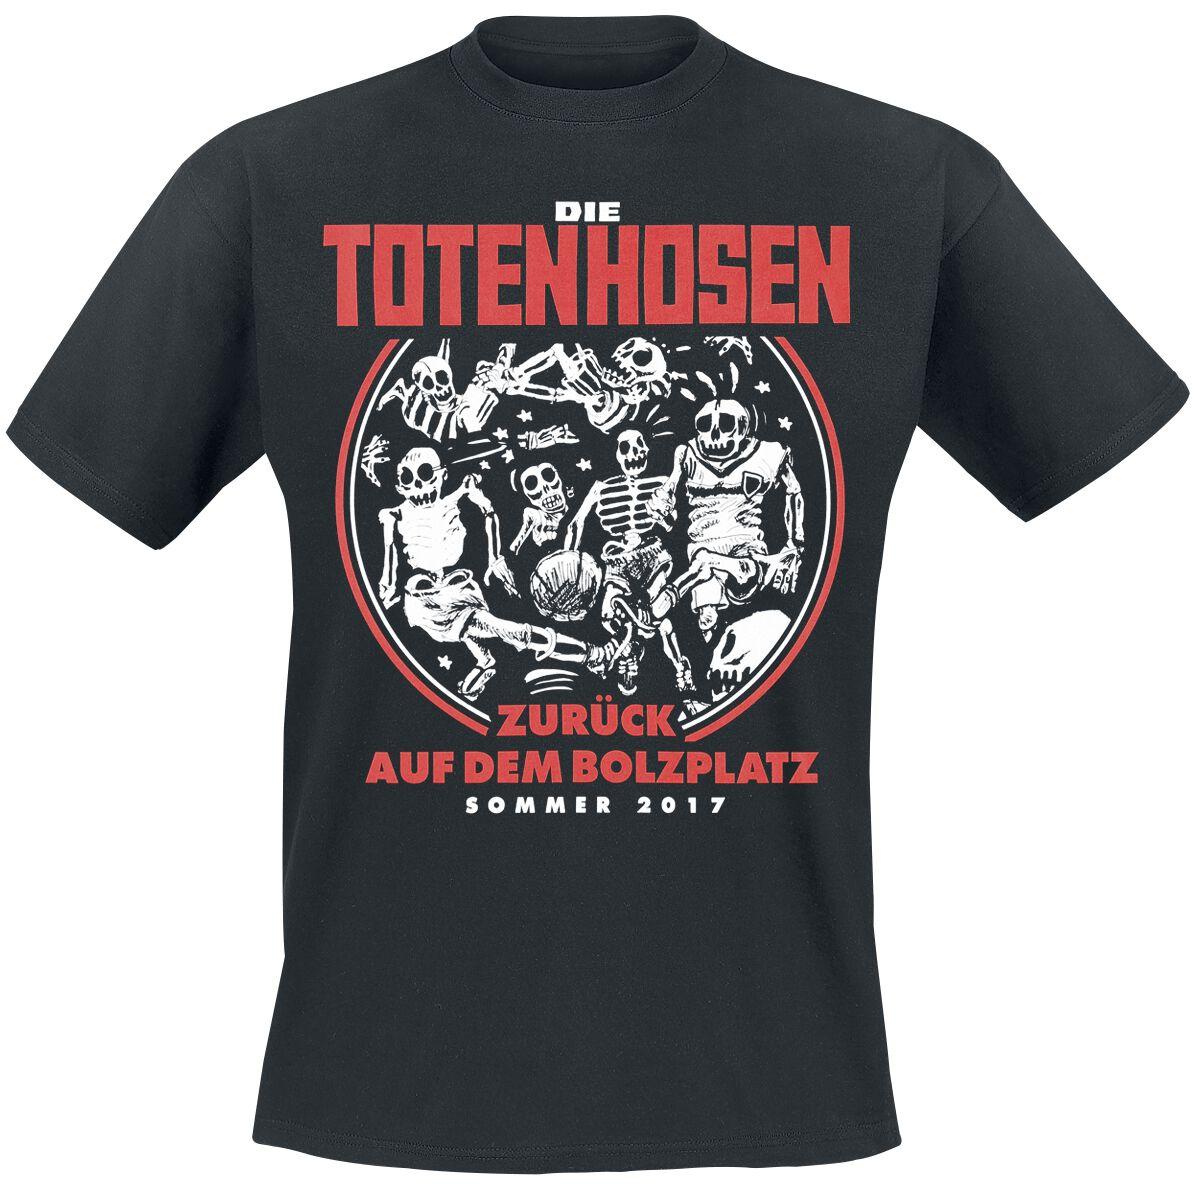 Zespoły - Koszulki - T-Shirt Die Toten Hosen Zurück auf dem Bolzplatz T-Shirt czarny - 369561